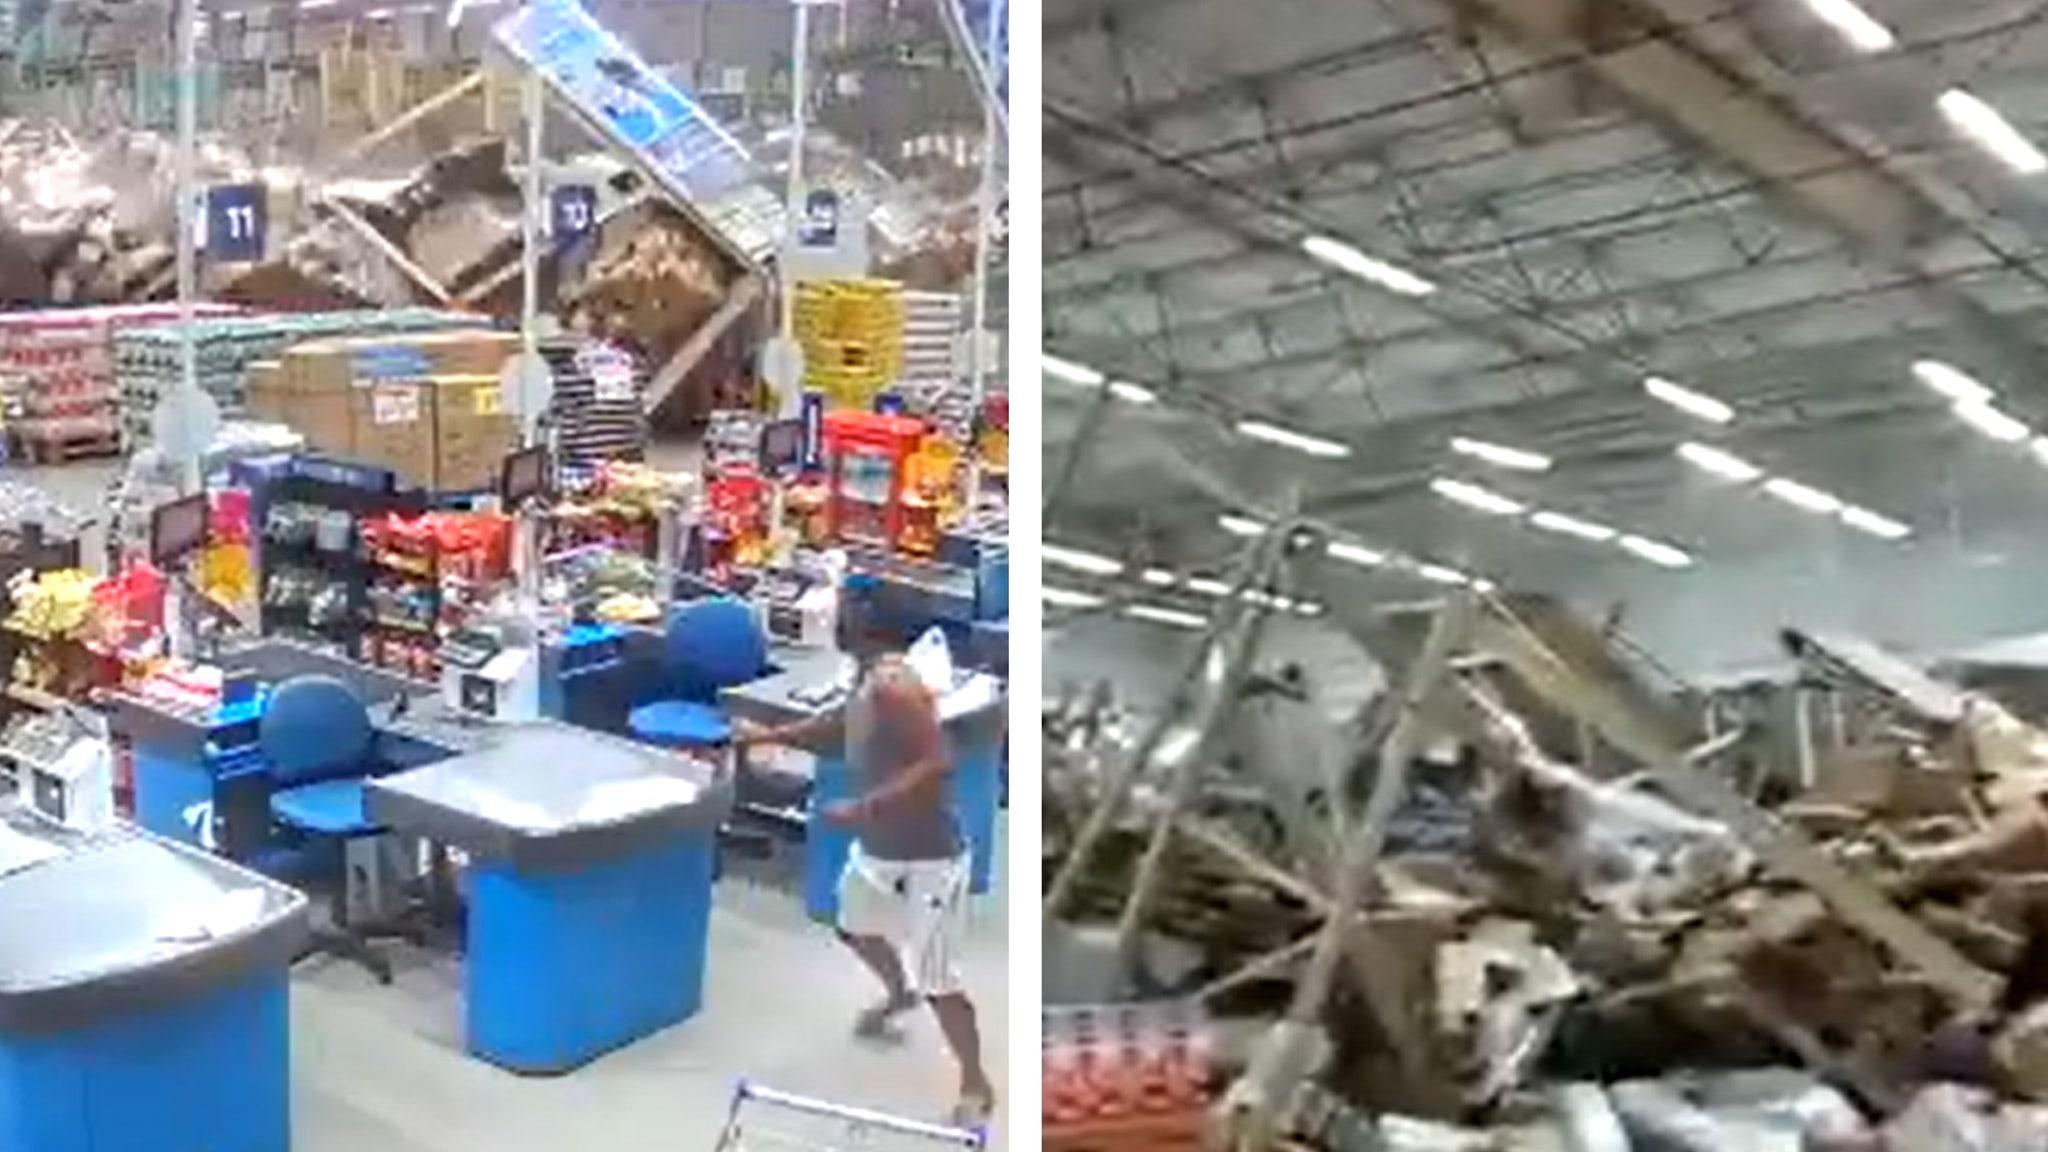 Moment Giant Supermarket Shelves in Brazil Collapse Like Dominoes, Killing One